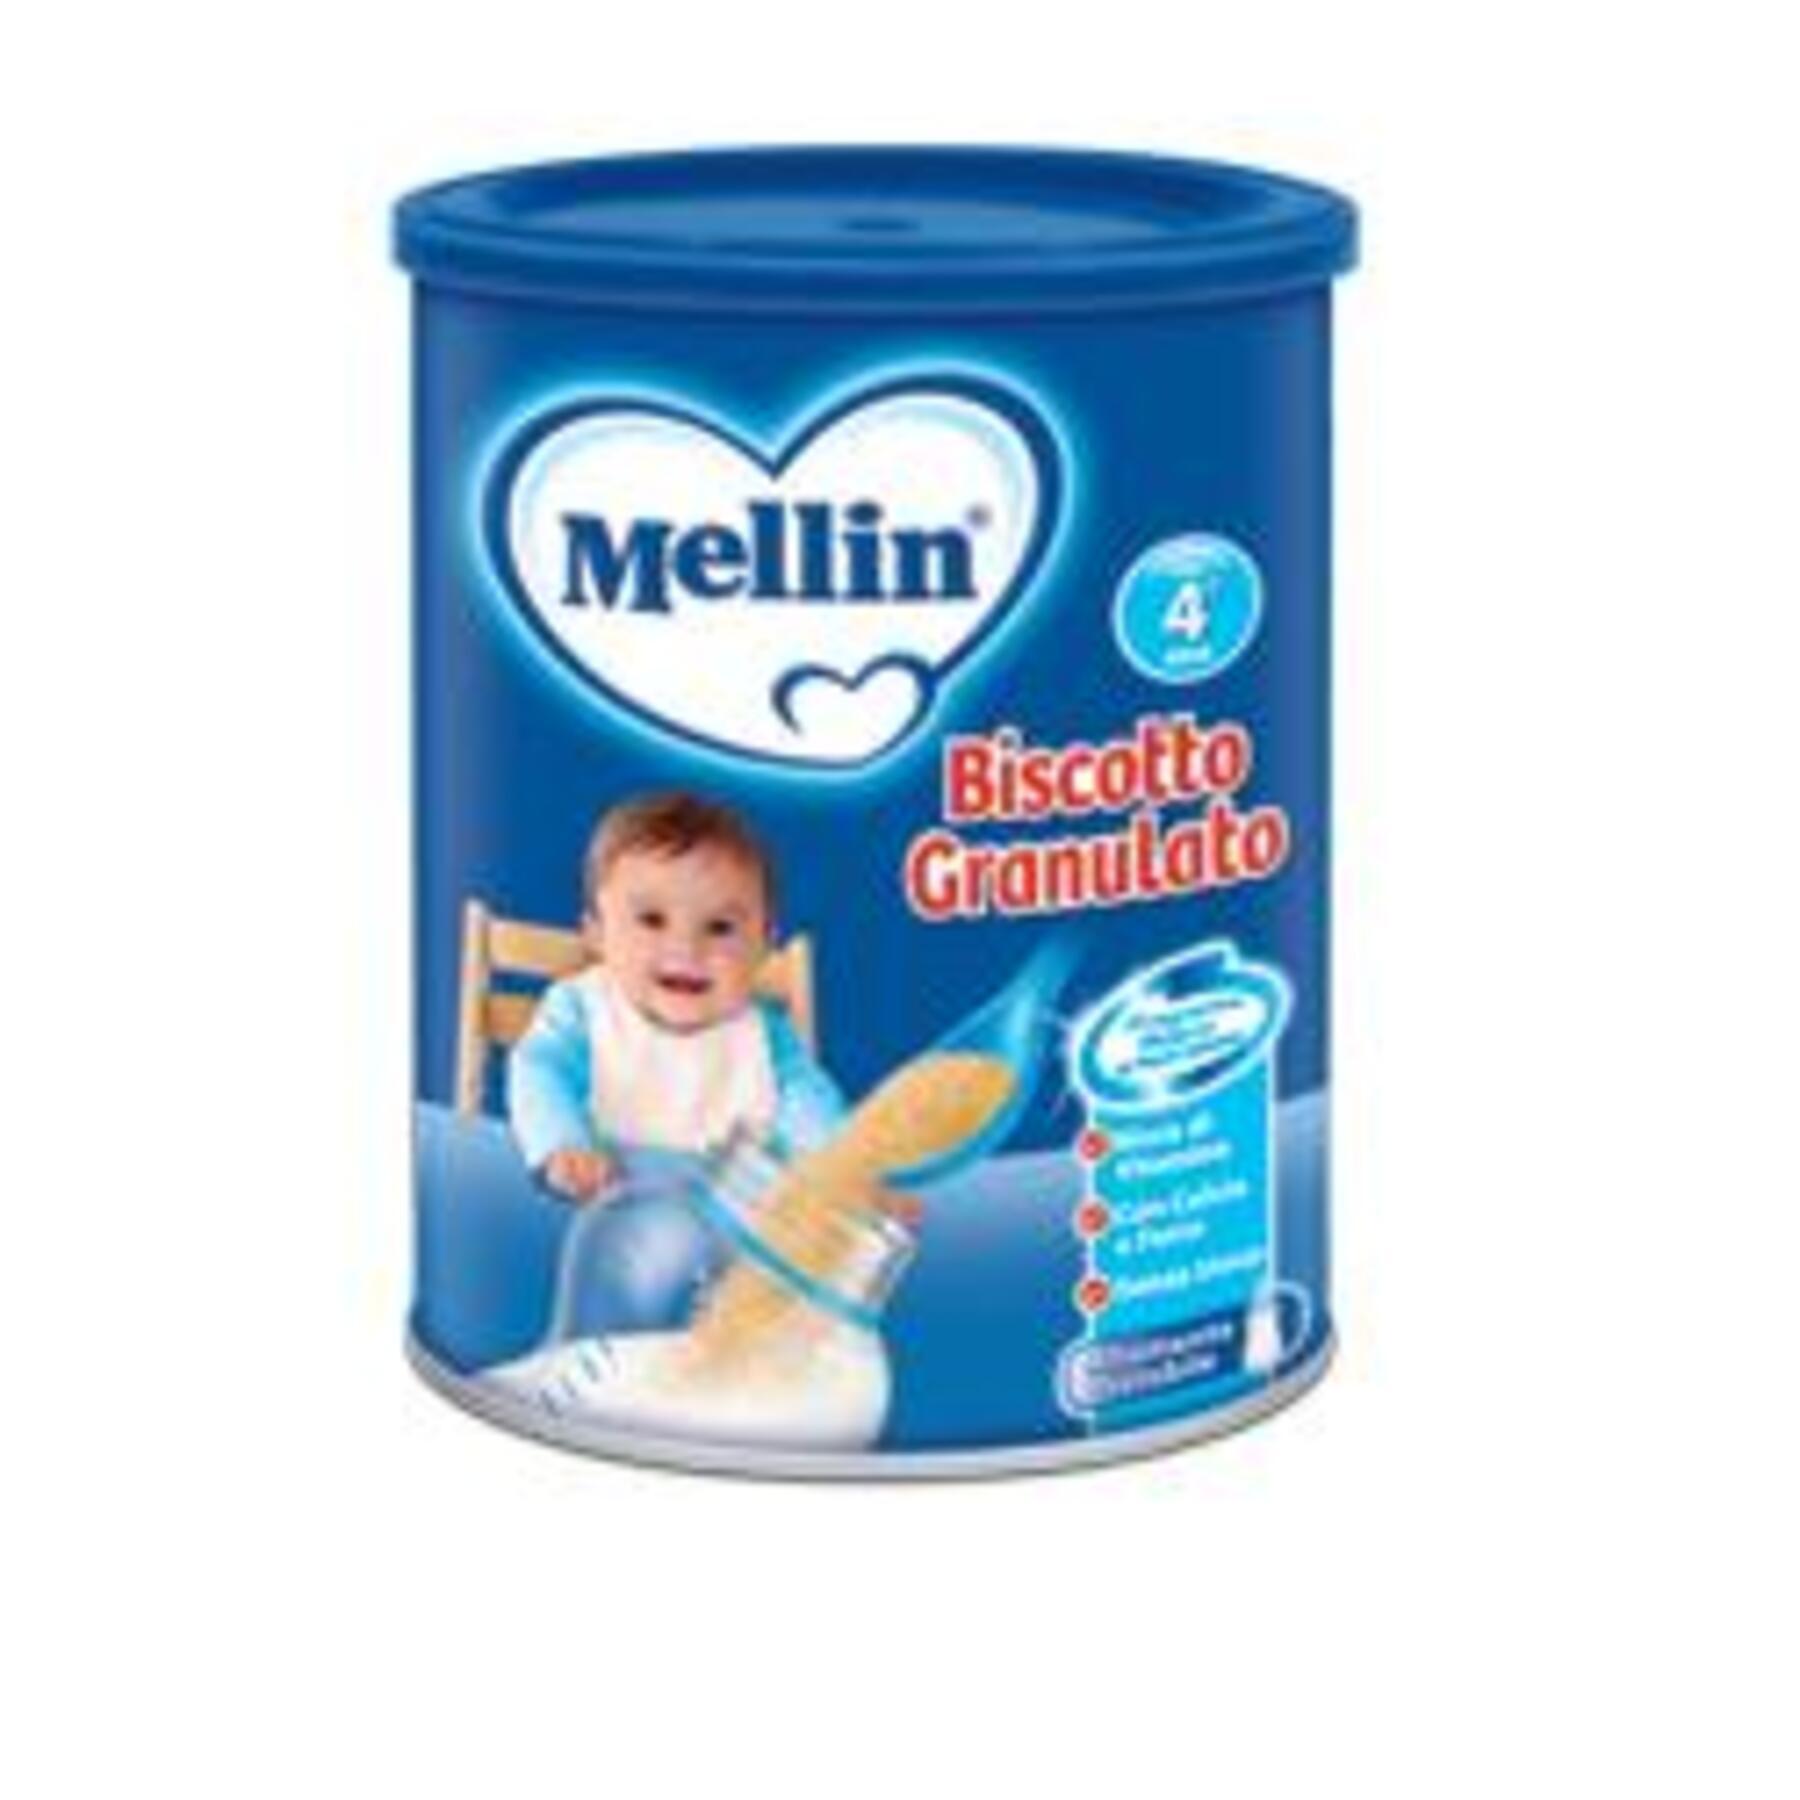 DANONE NUTRICIA SpA SOC.BEN. Mellin biscotto granulato 400 g nuovo formato